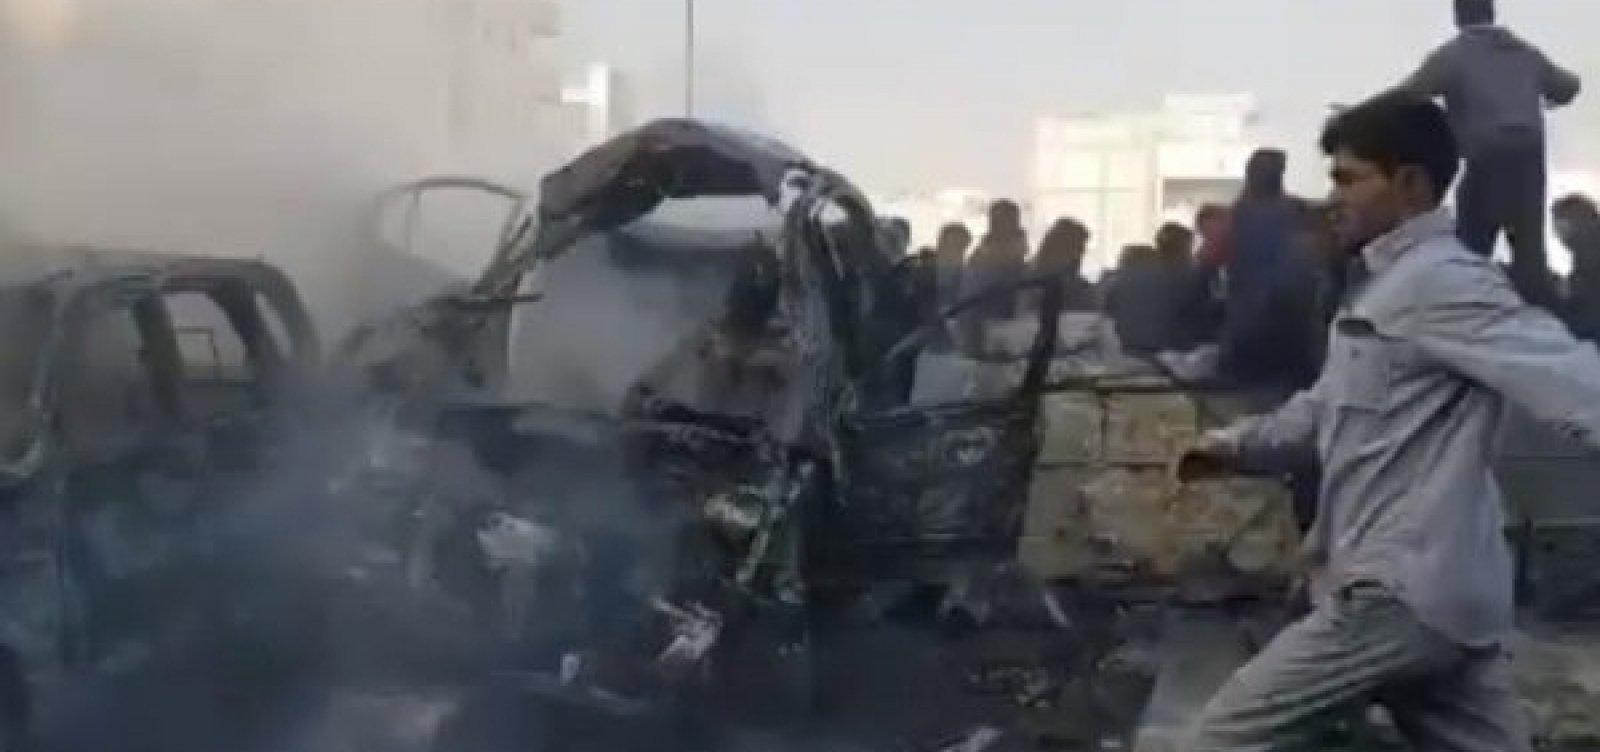 Atentado na Síria deixa 14 mortos e 33 feridos